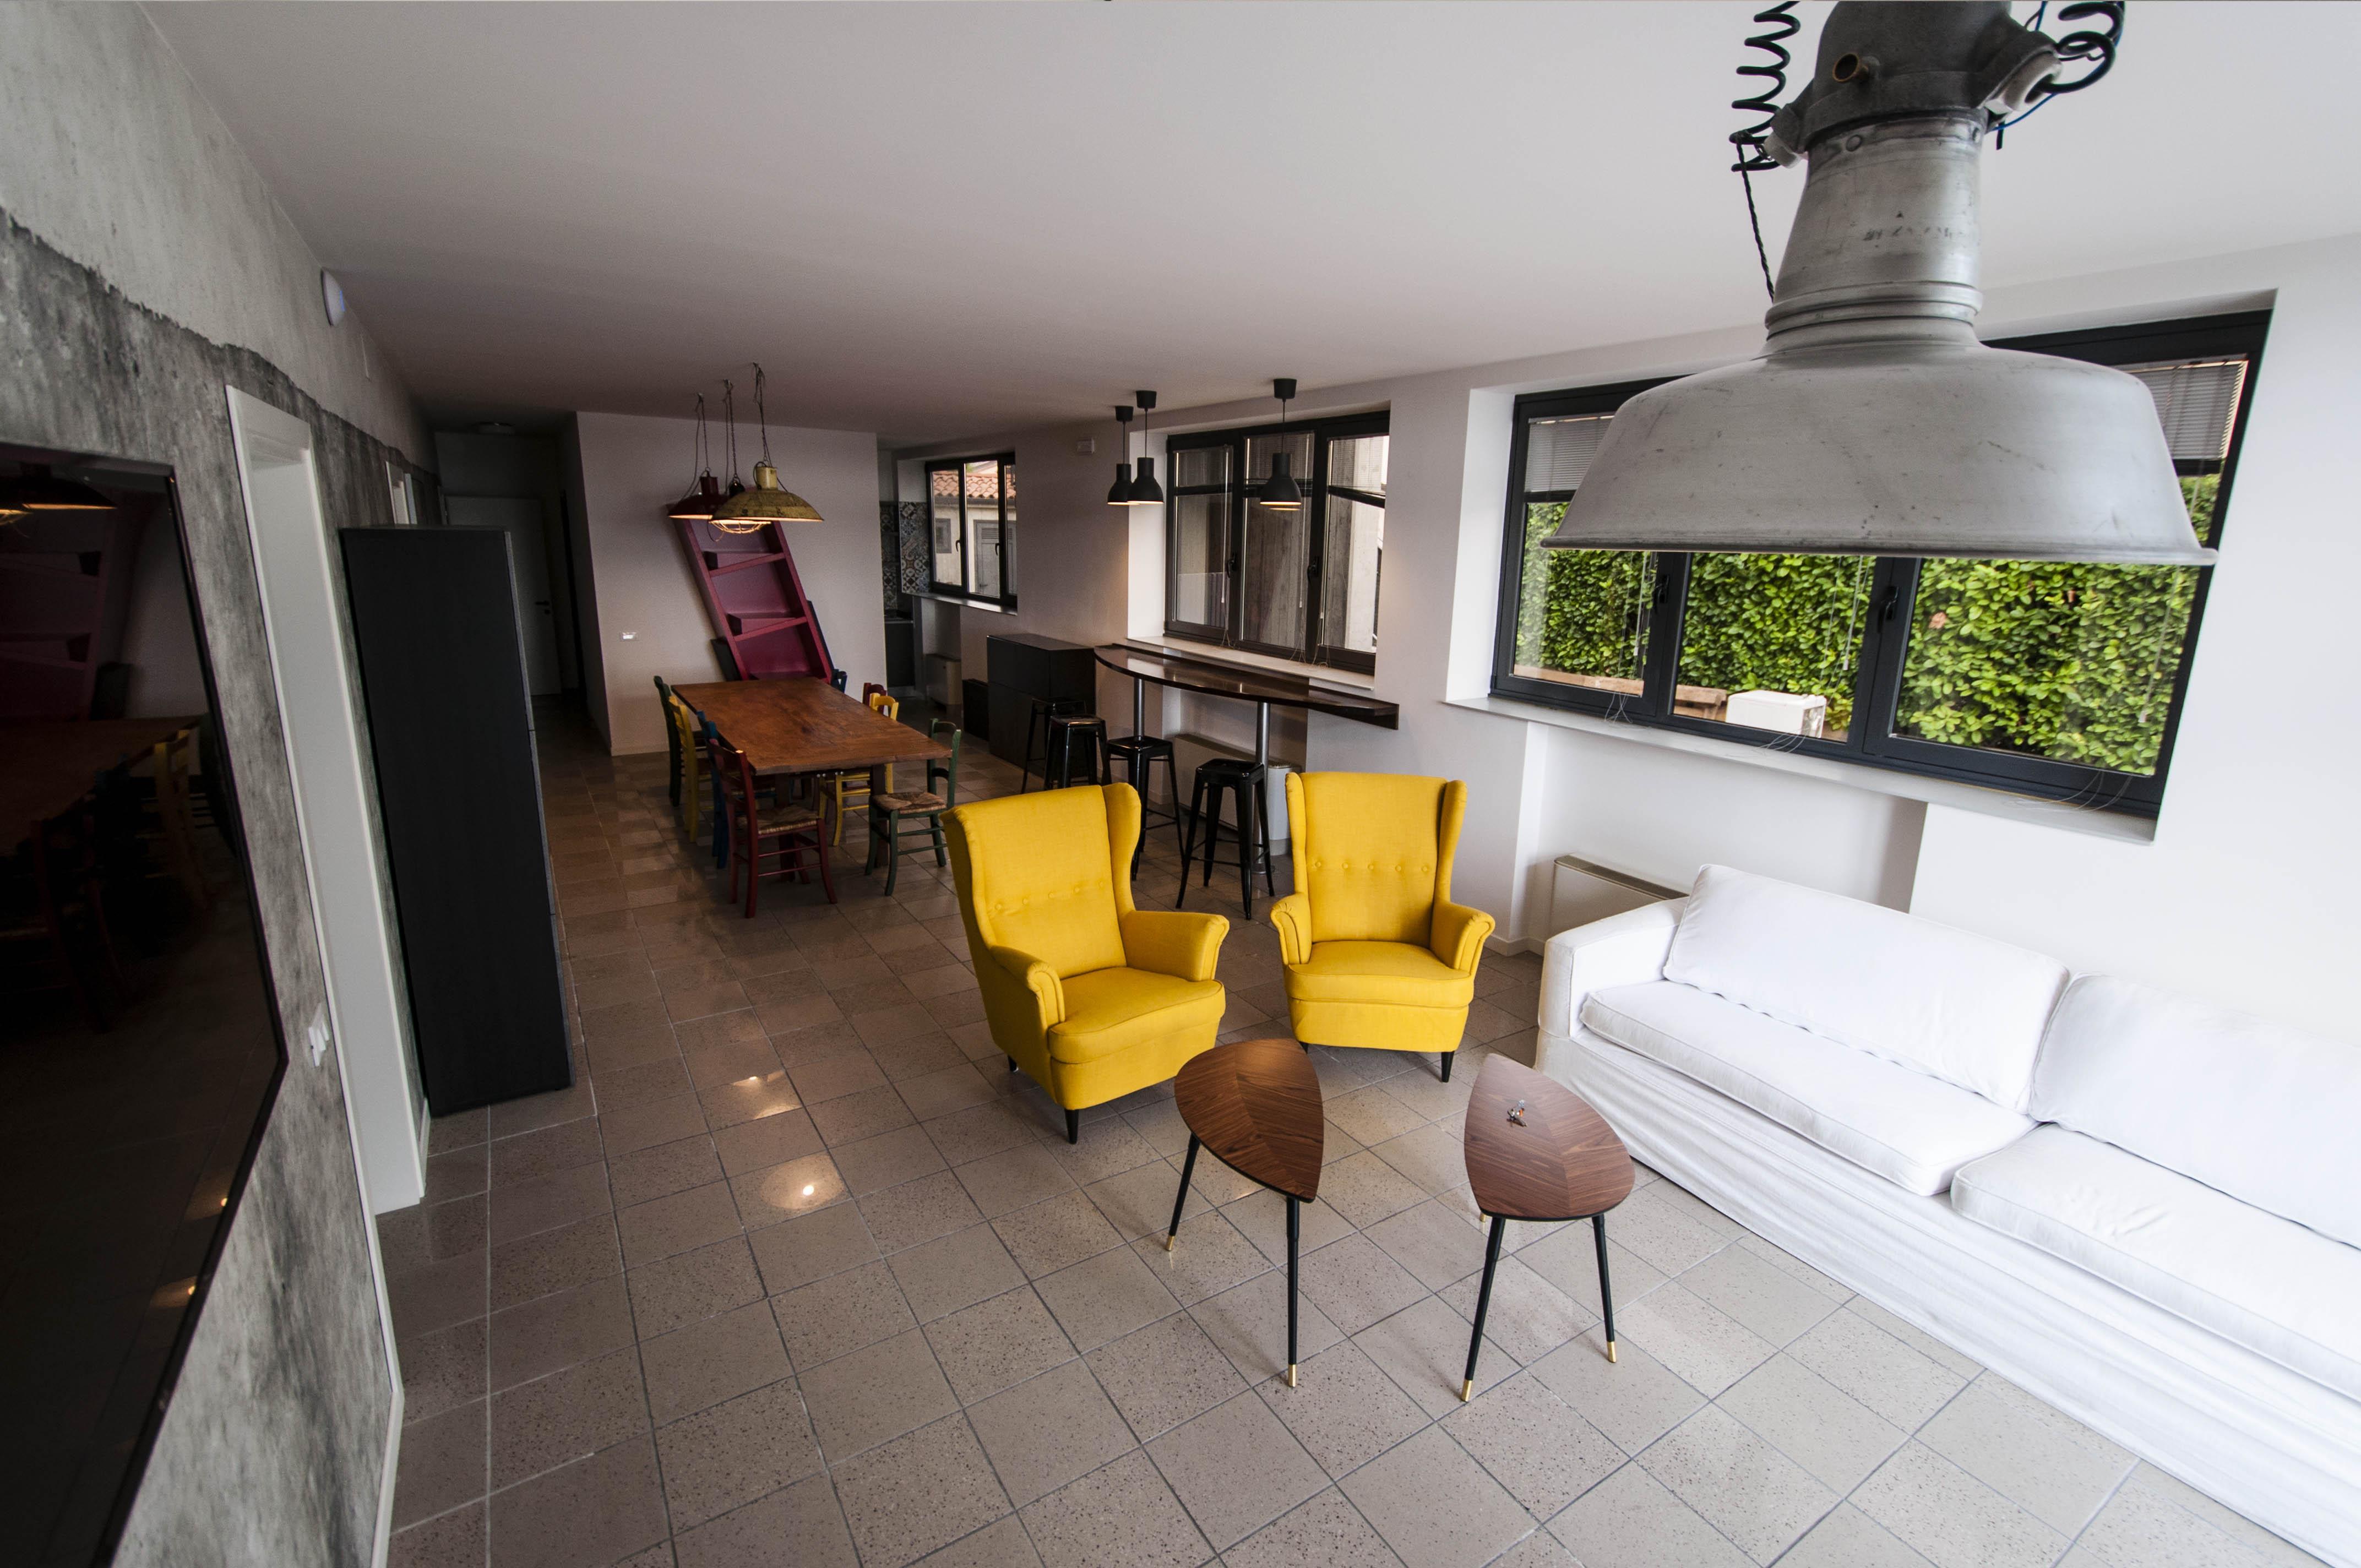 Camere in Affitto Treviso Villorba - Studio Architettura Zanatta 00